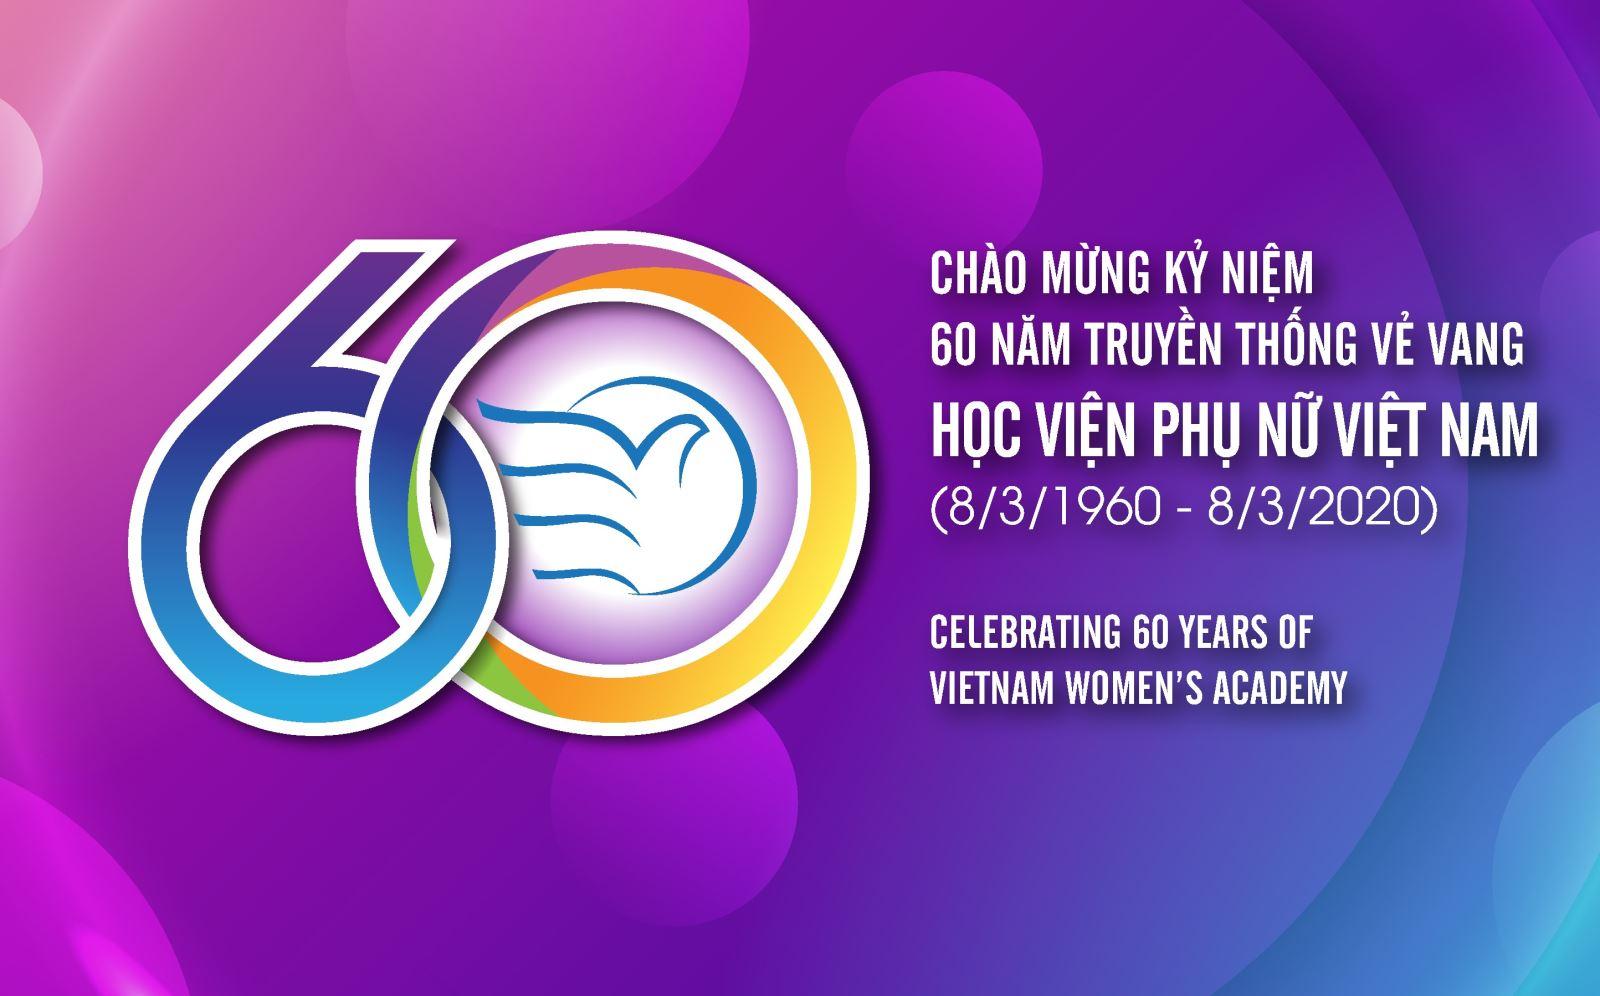 60 năm hình thành